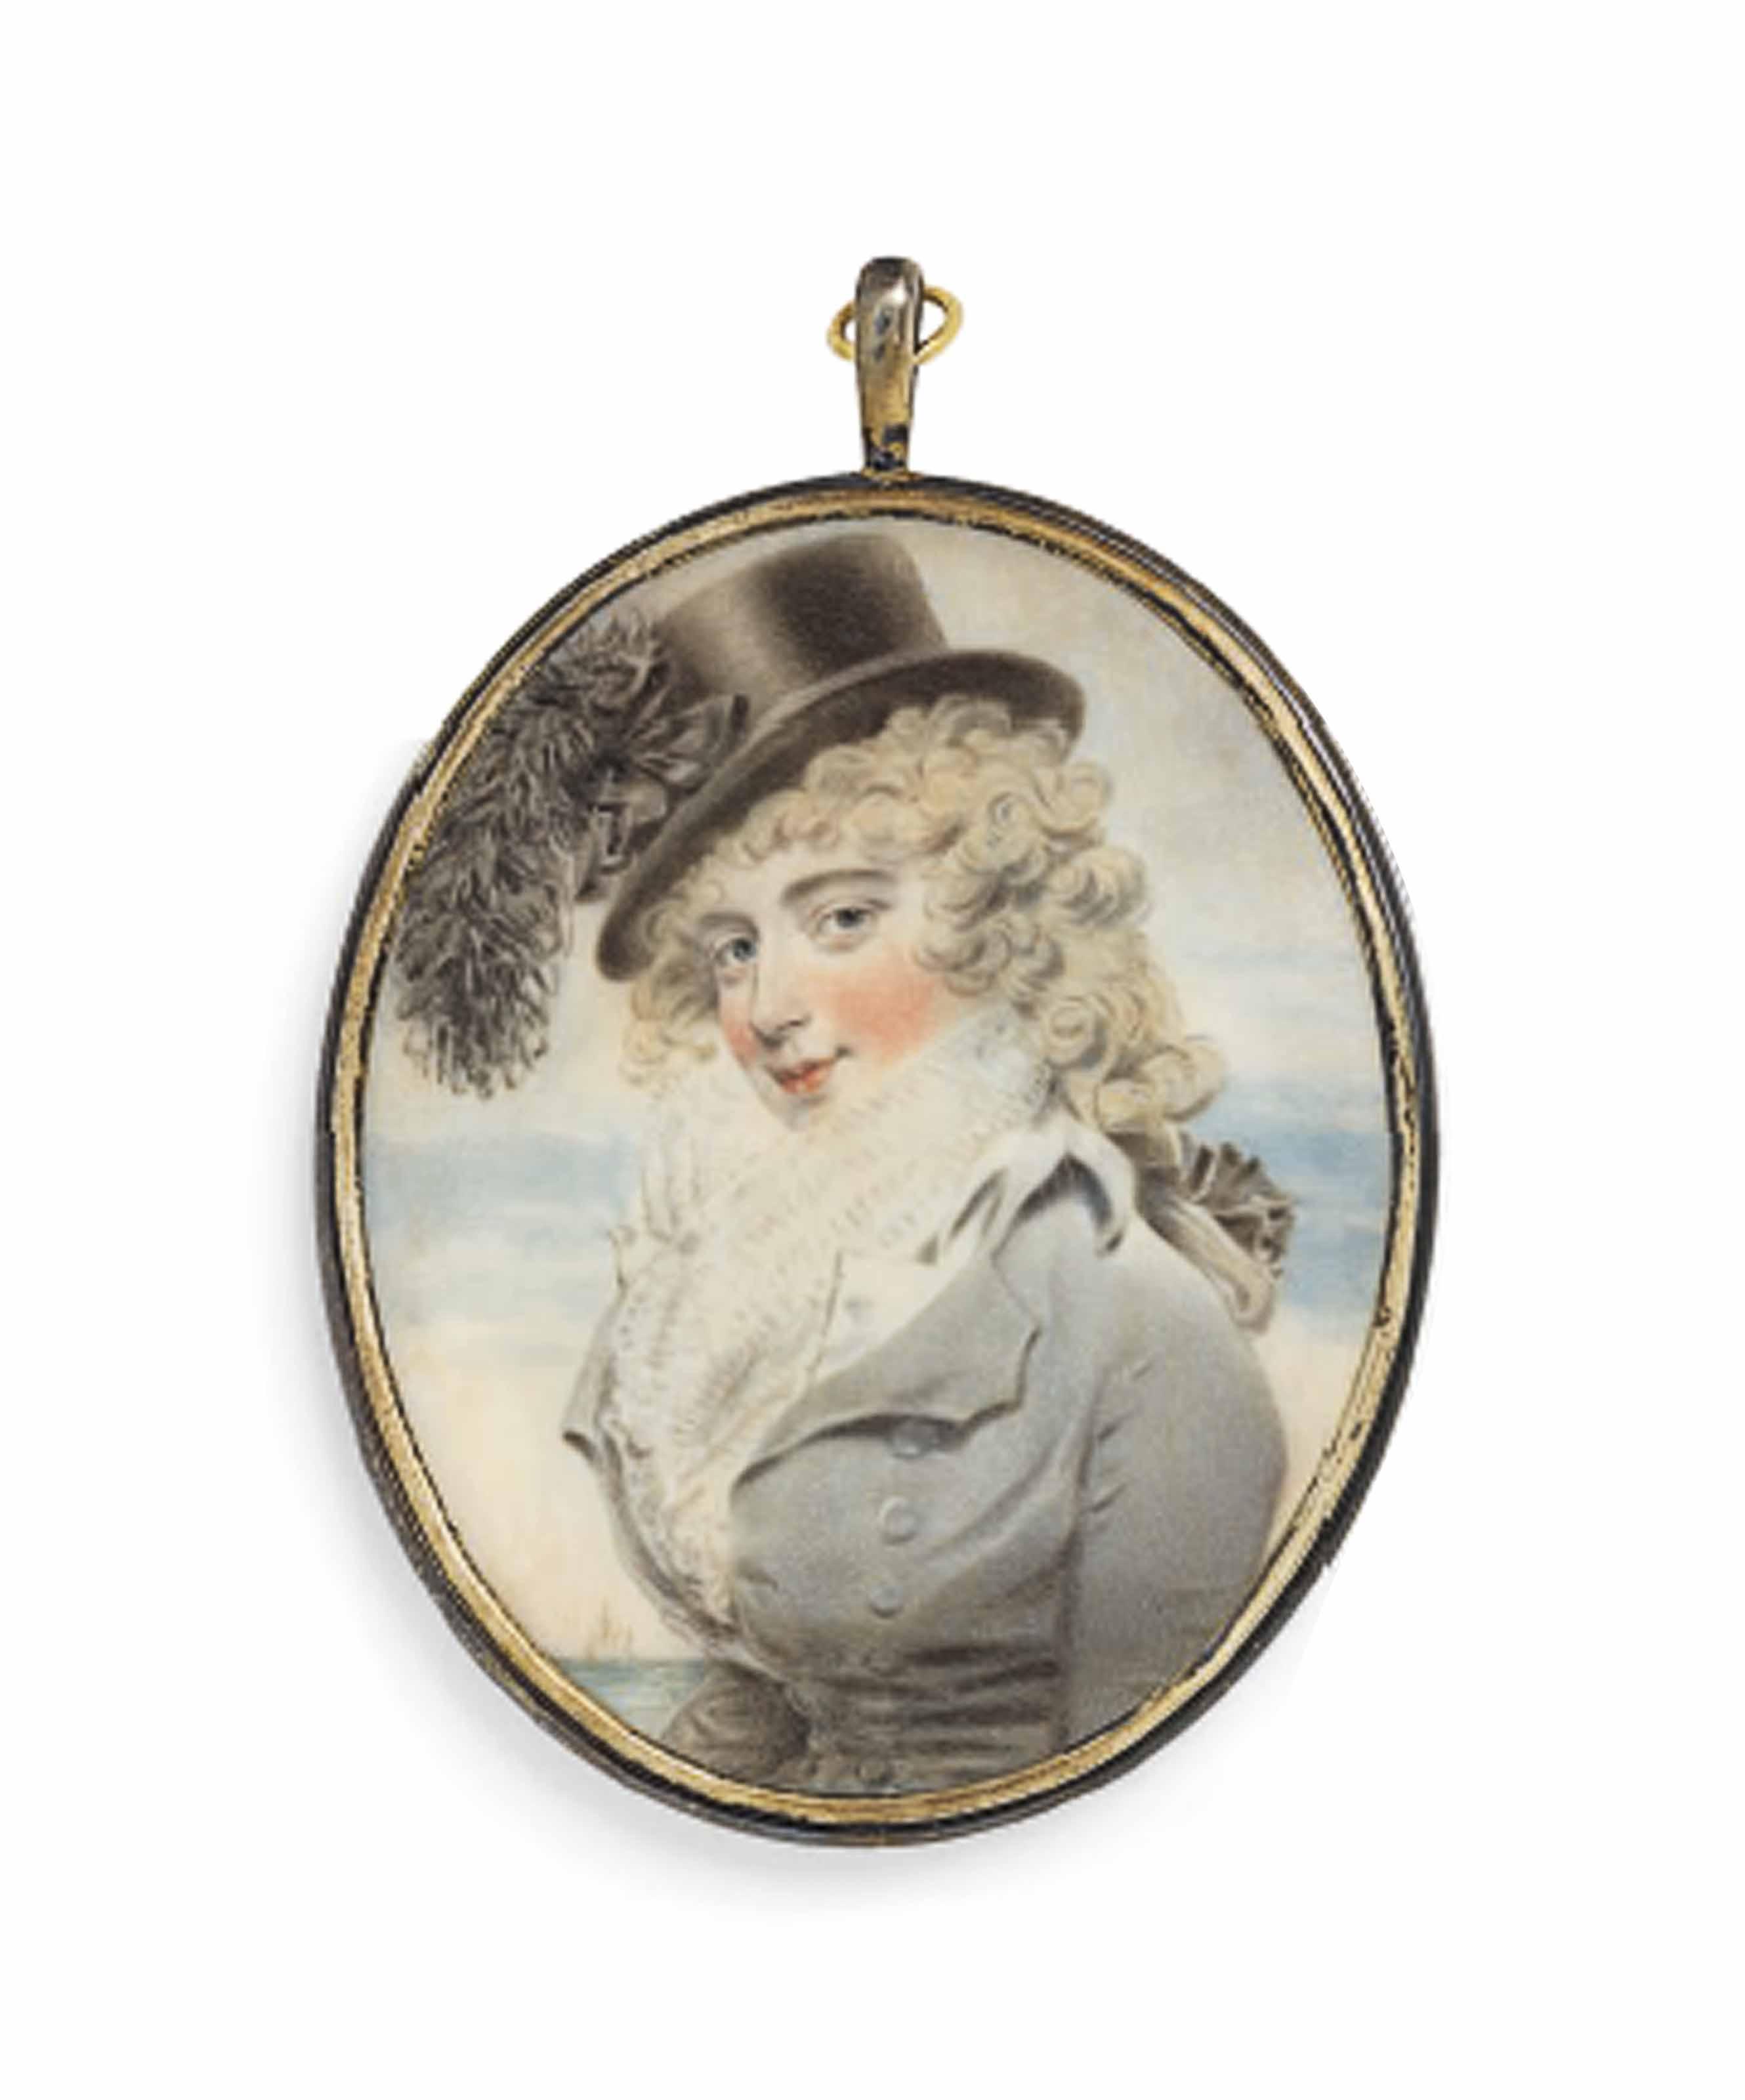 JOHN DOWNMAN, A.R.A. (BRITISH, 1750-1824)